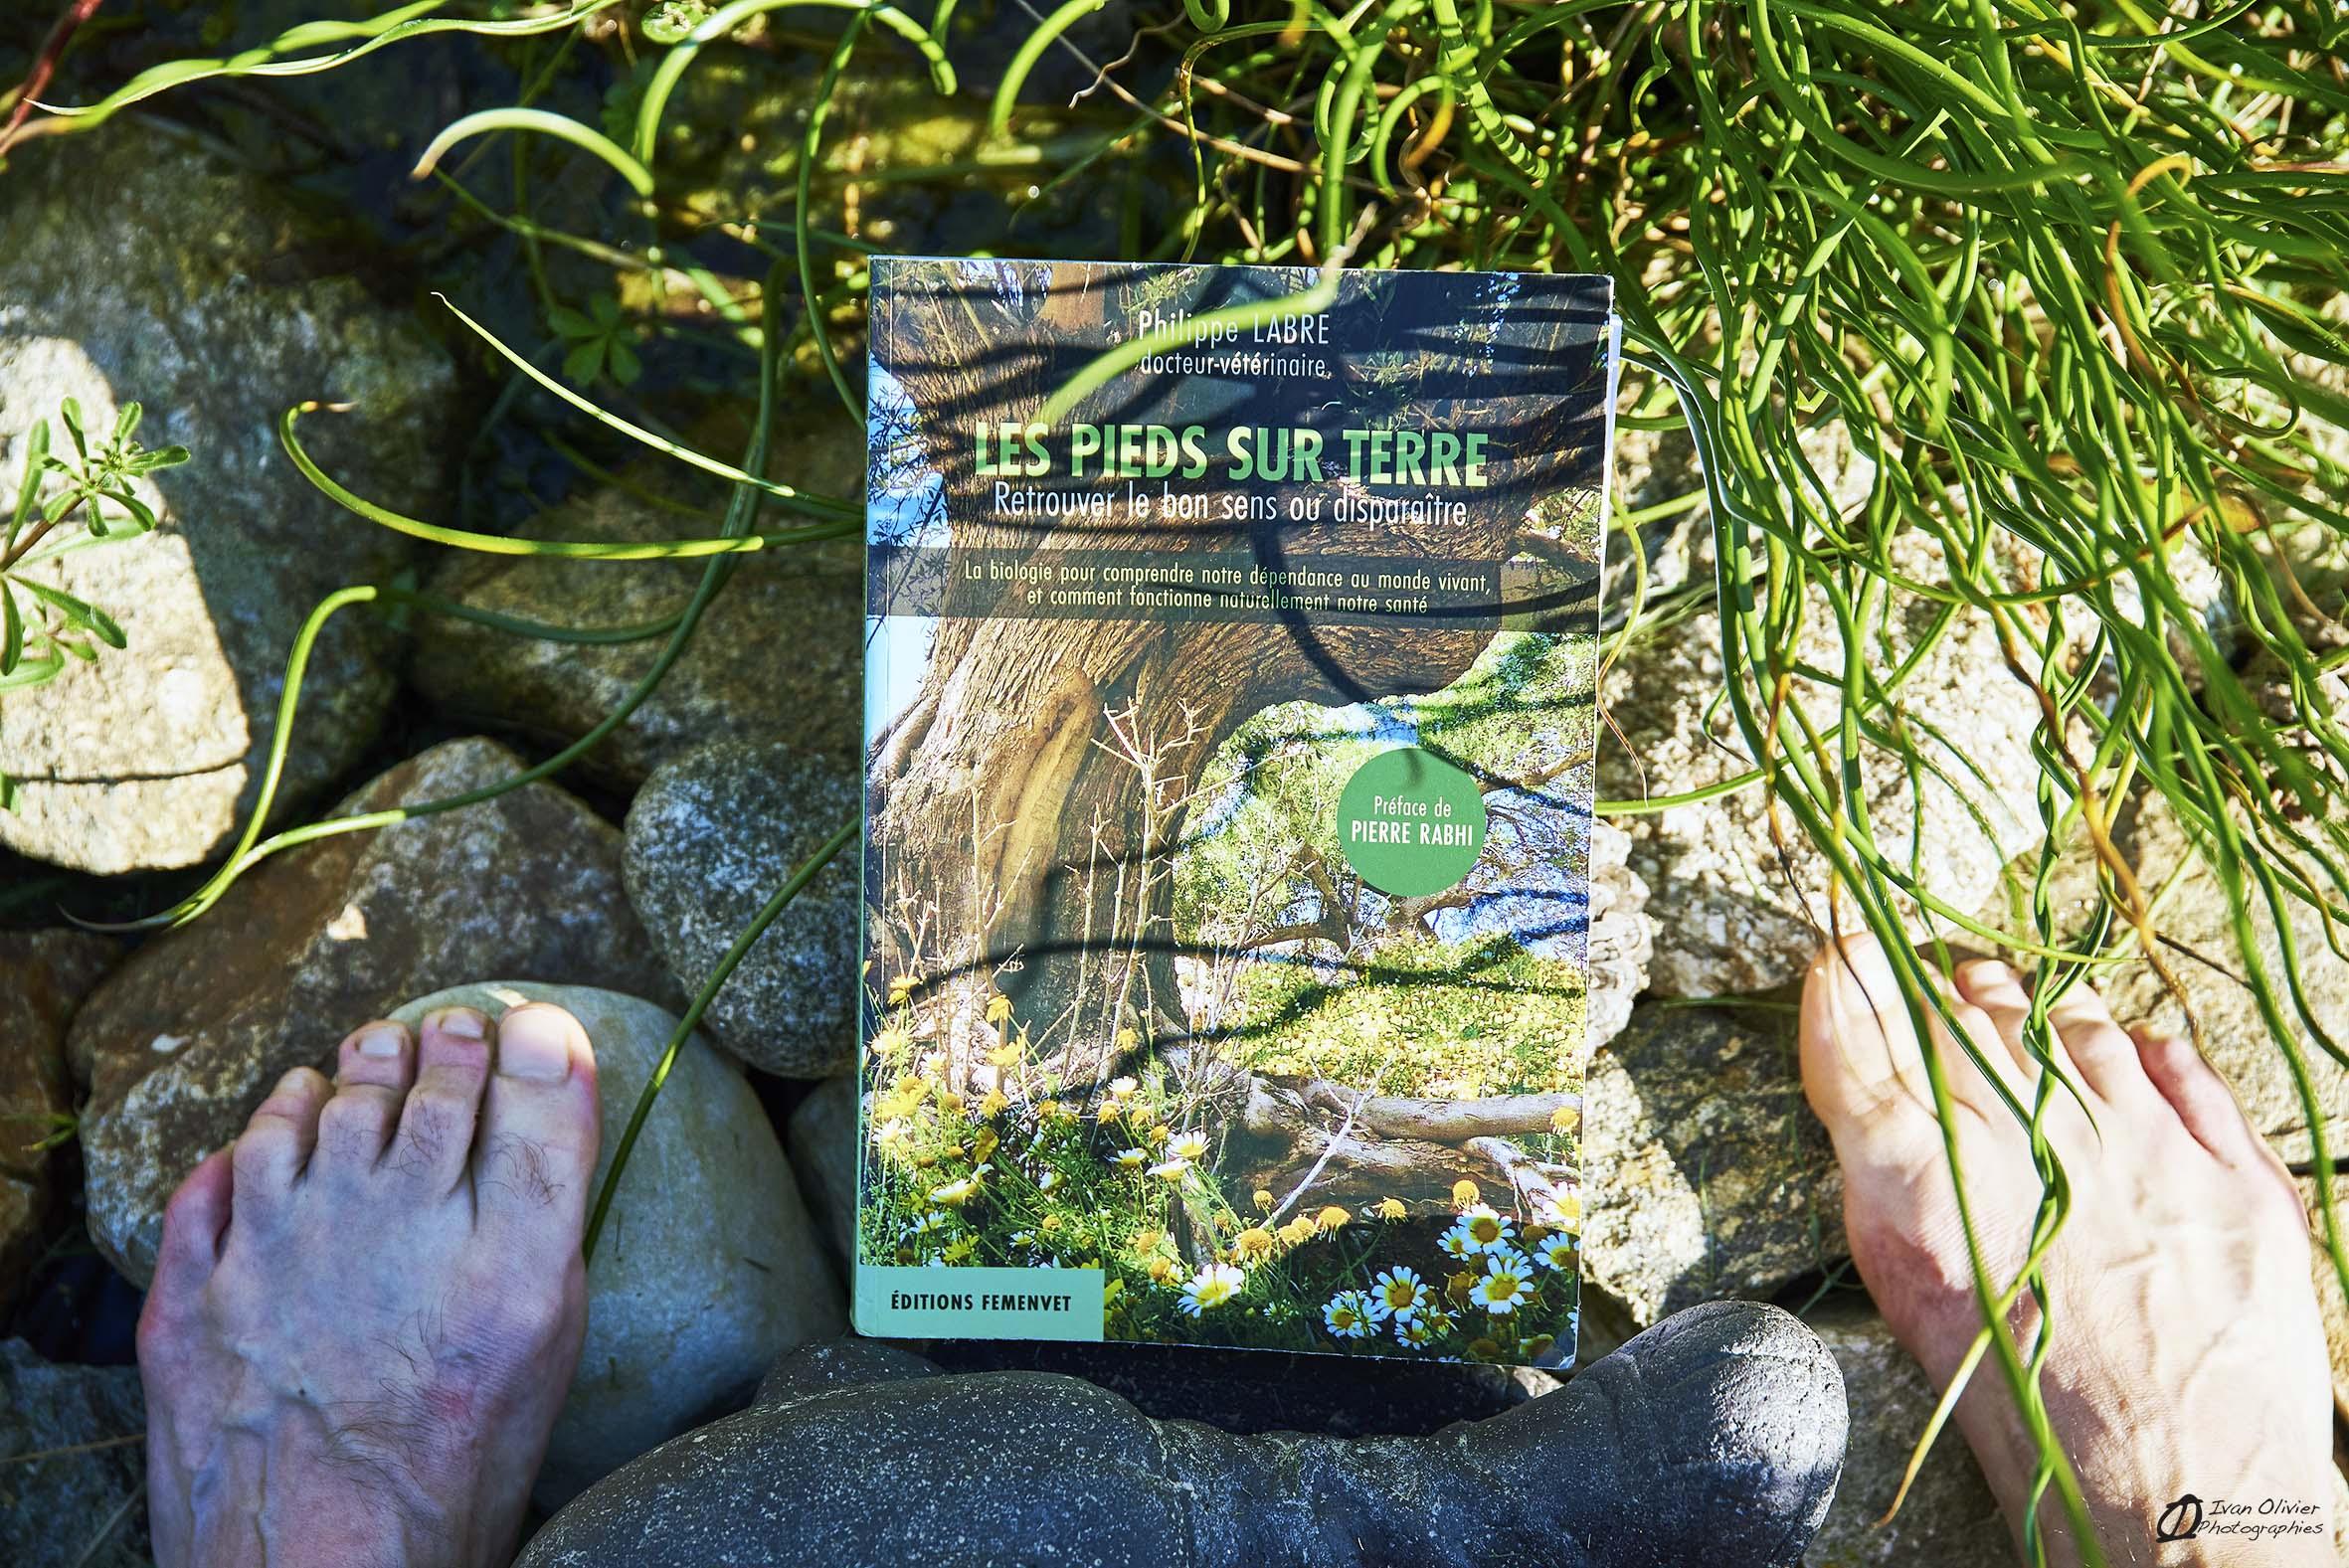 livre GC les pieds sur terre - Ivan Olivier Photographies© France (3)